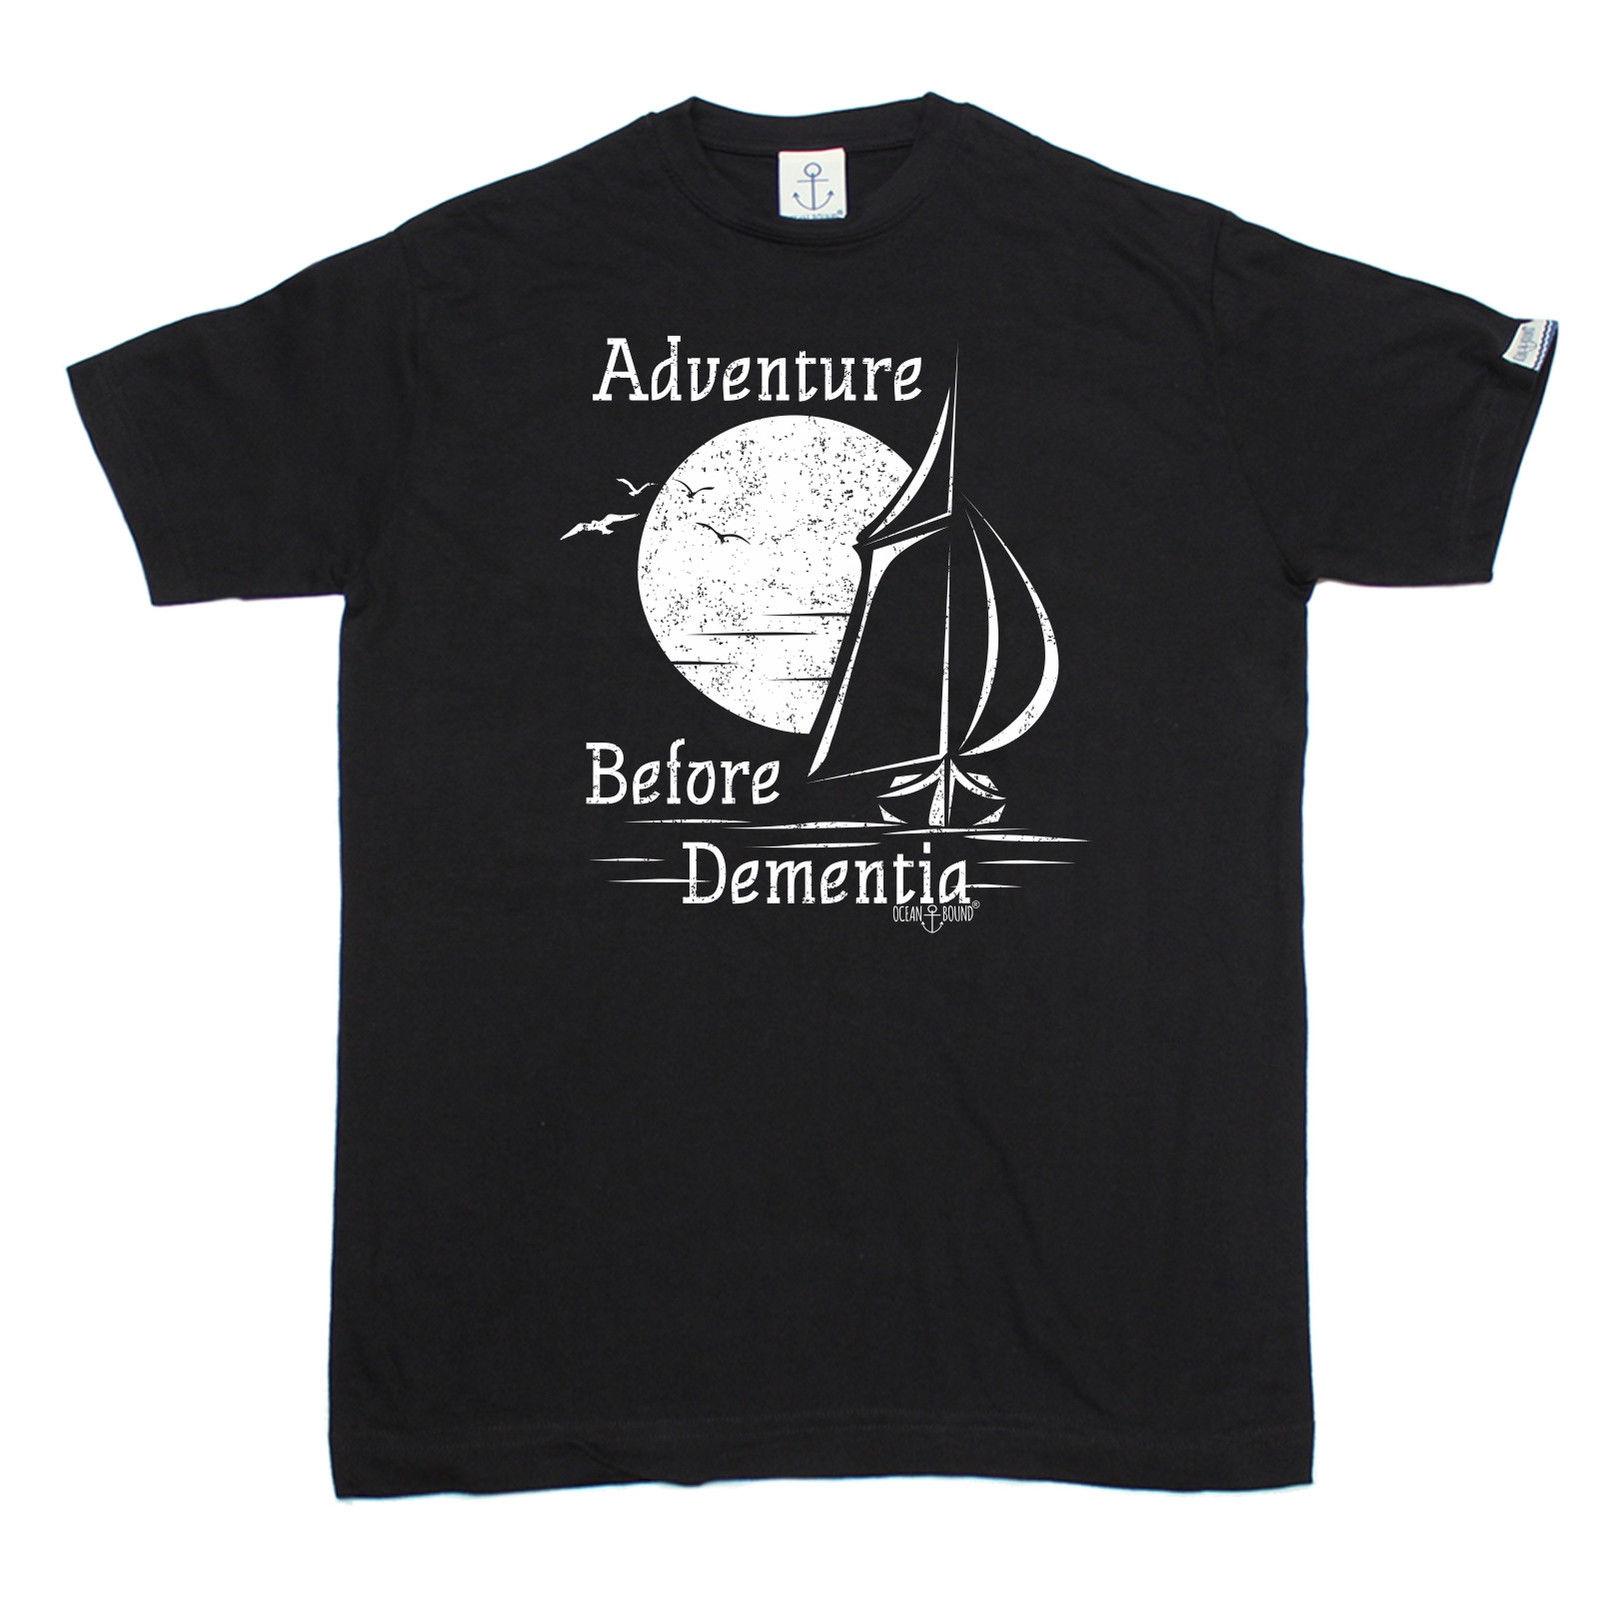 Приключения перед de Для мужчин tia Зайлер футболка яхта парус Ти Забавный подарок на день рождения Для мужчин футболка отличное качество Заб...